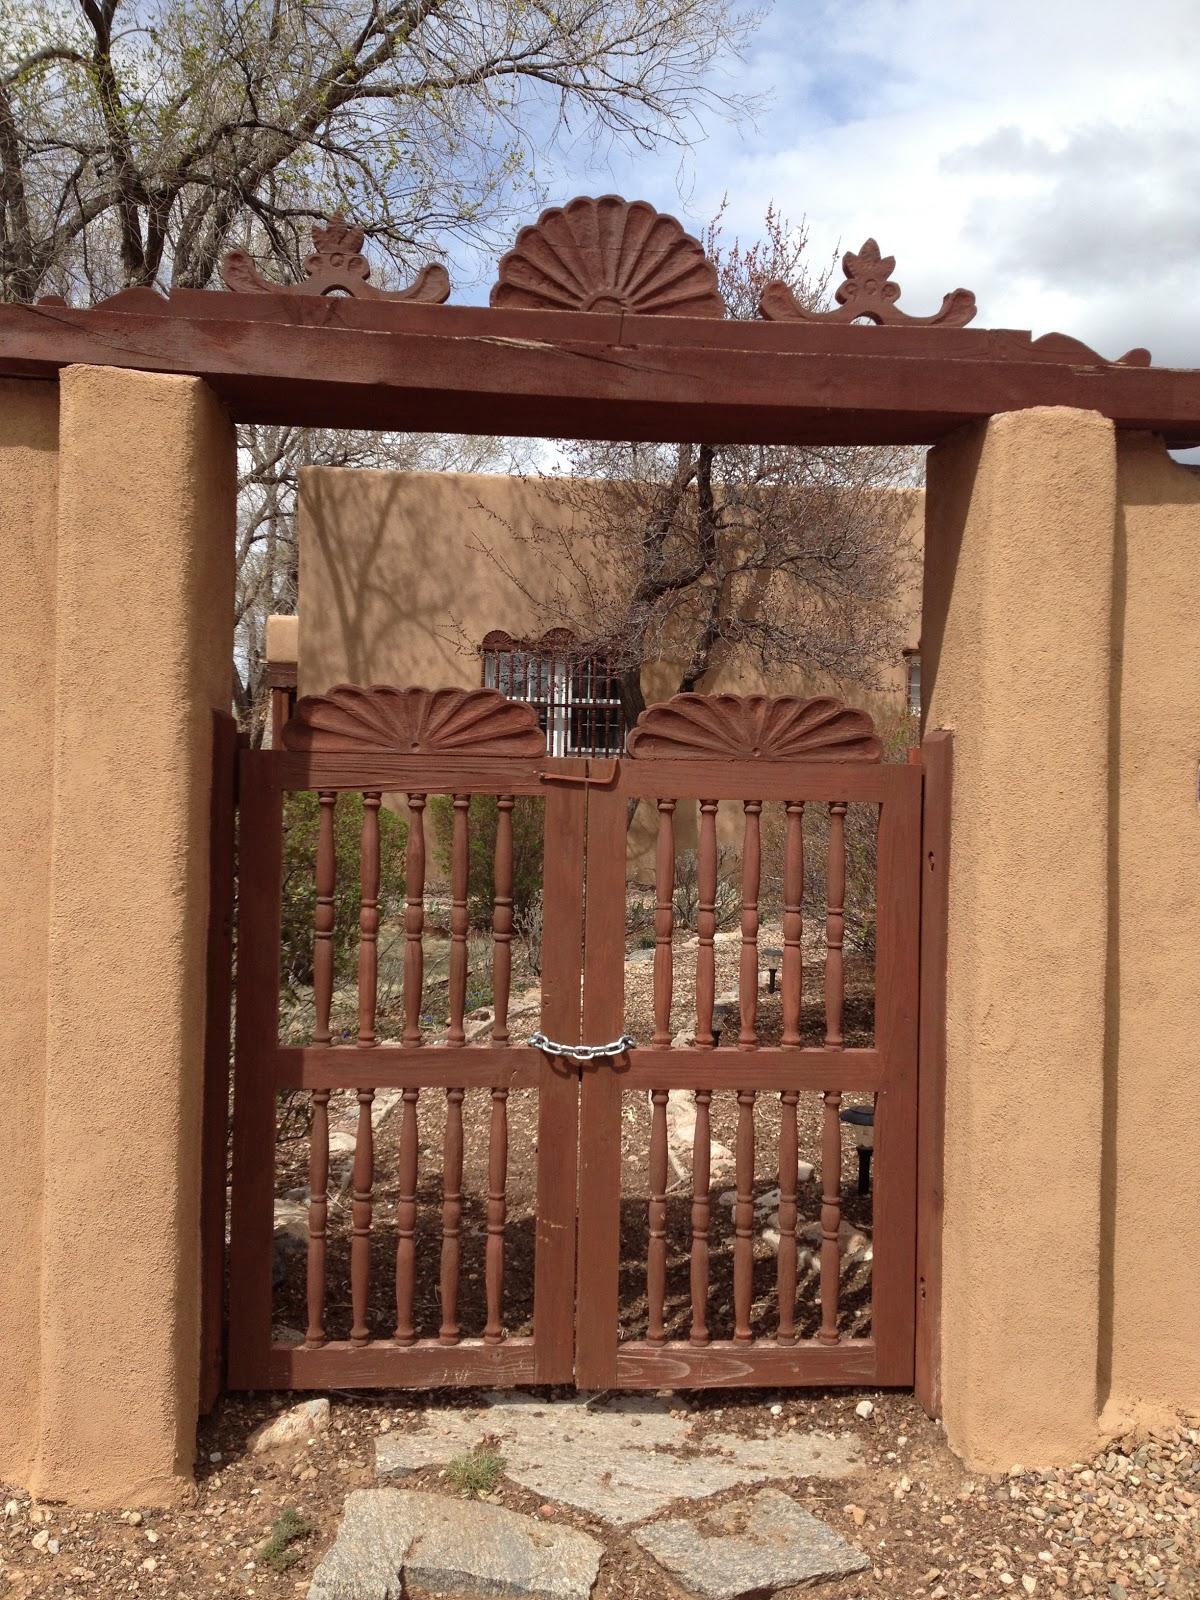 The Doily Duck Santa Fe Doors and Gates